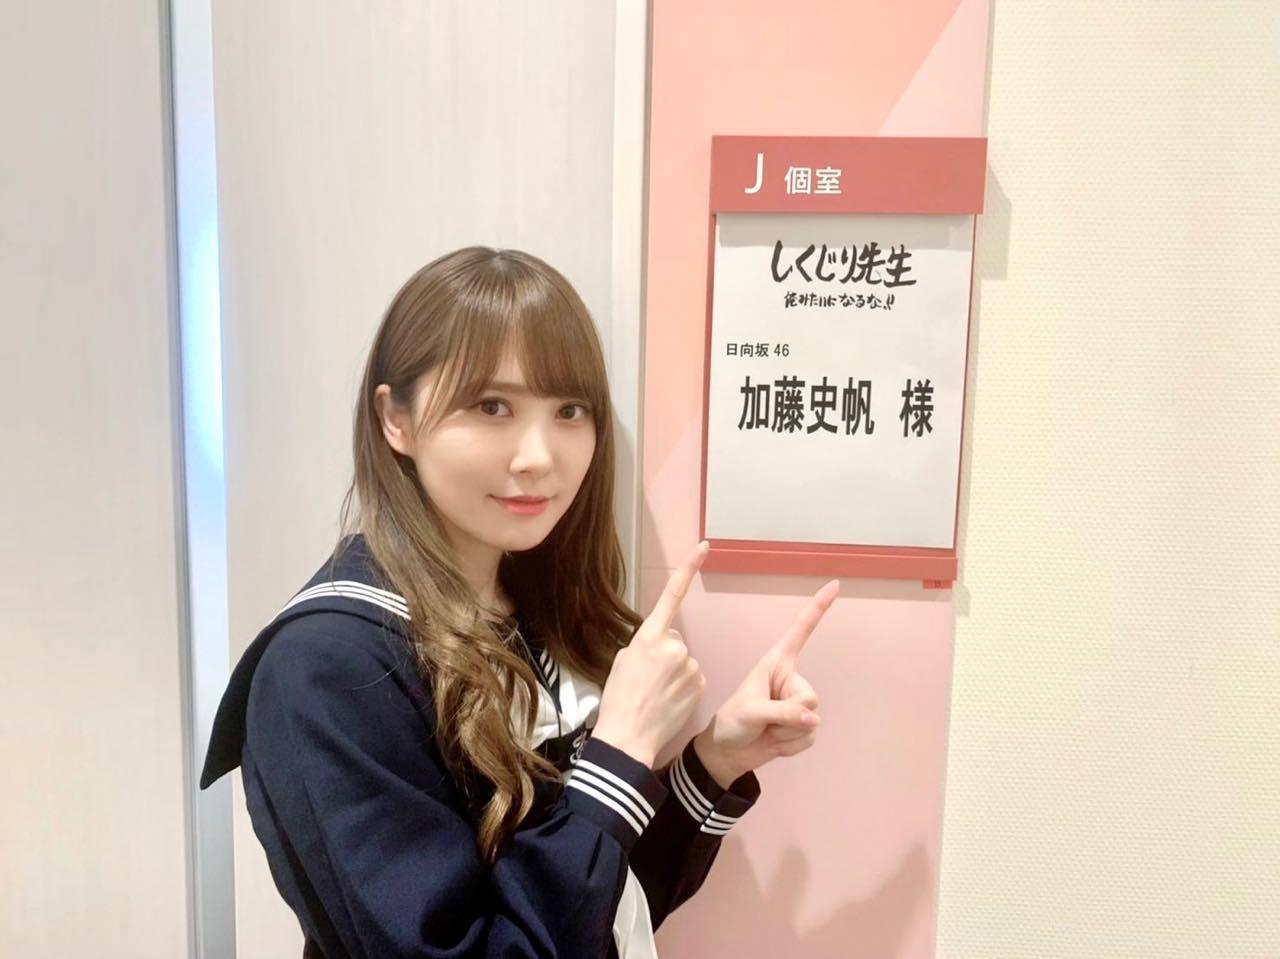 日向坂46 加藤史帆が「しくじり先生」に出演!ビックリマンチョコの知られざる迷走歴史!